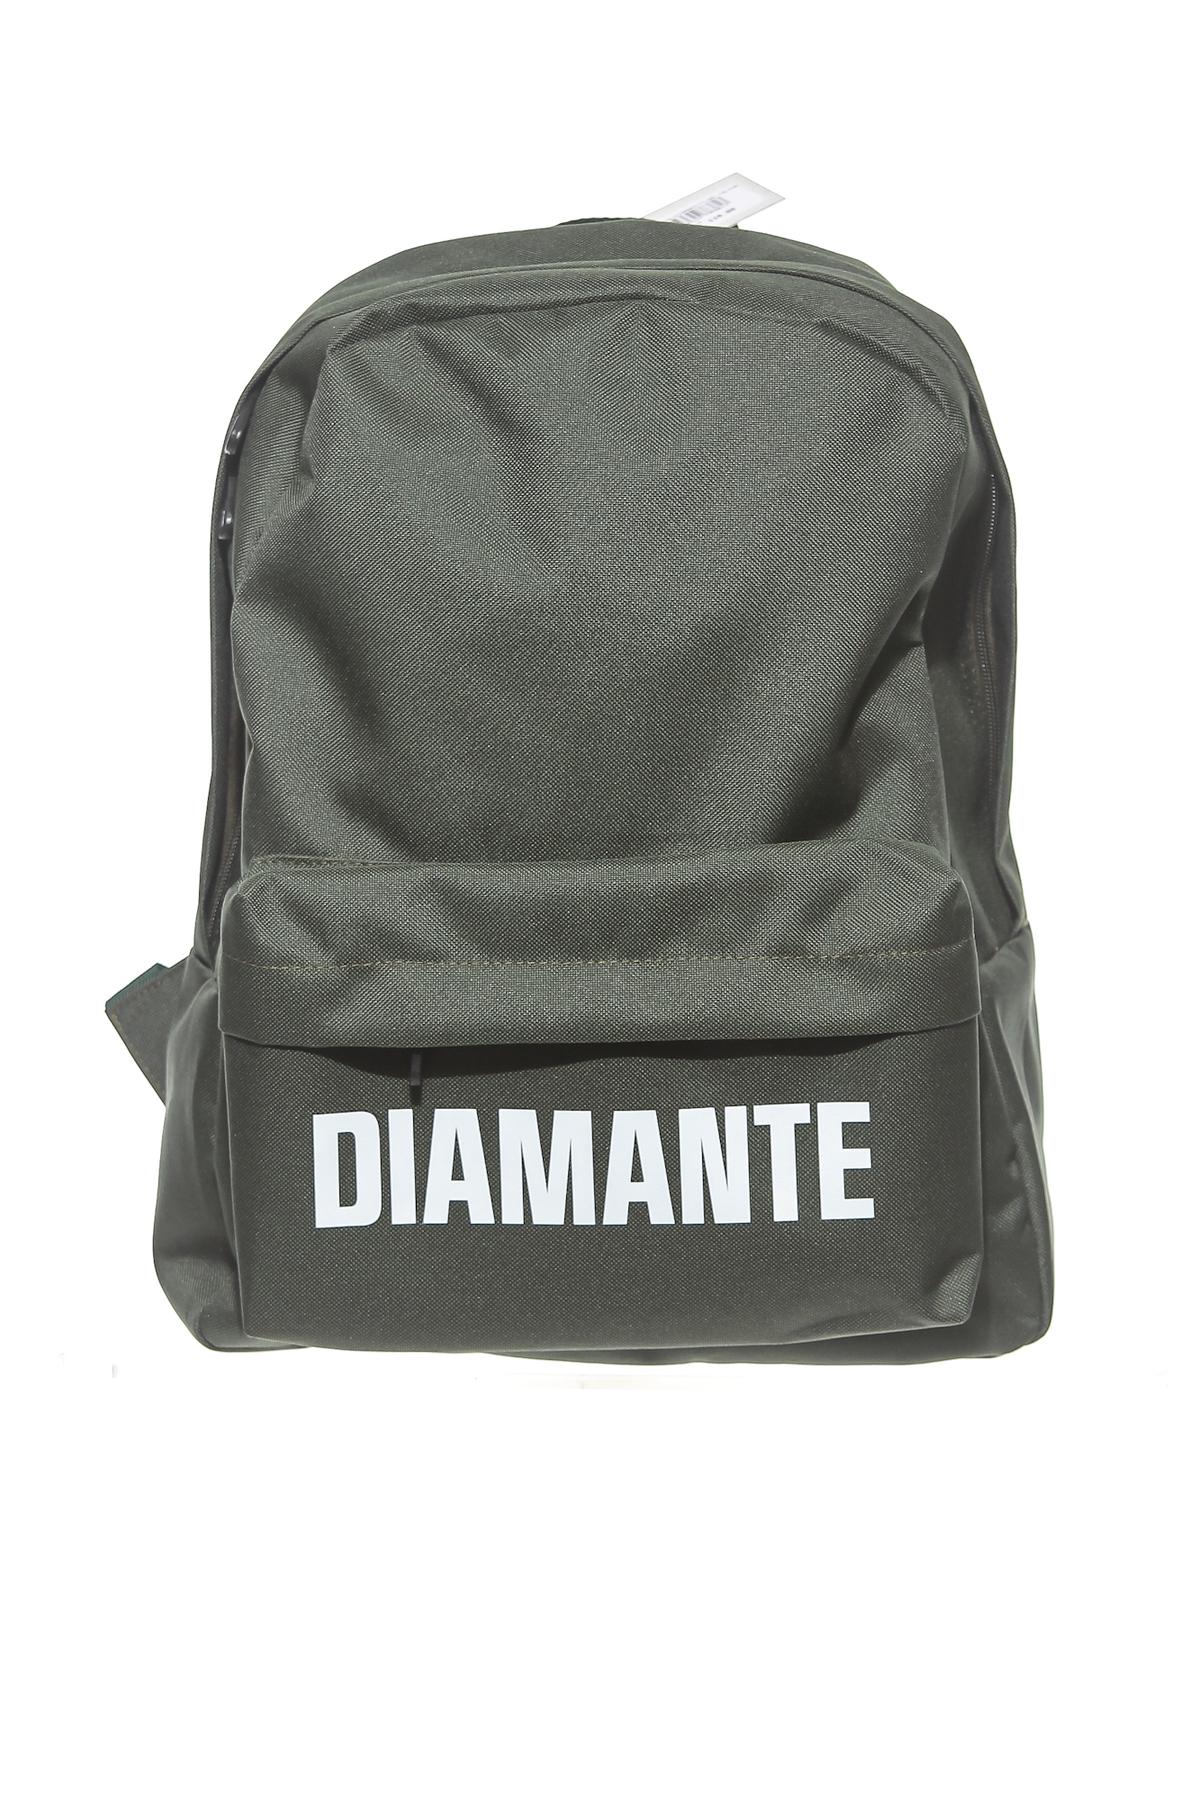 dobra jakość więcej zdjęć online tutaj Plecak Diamante Wear Diamante - 7415573055 - oficjalne ...